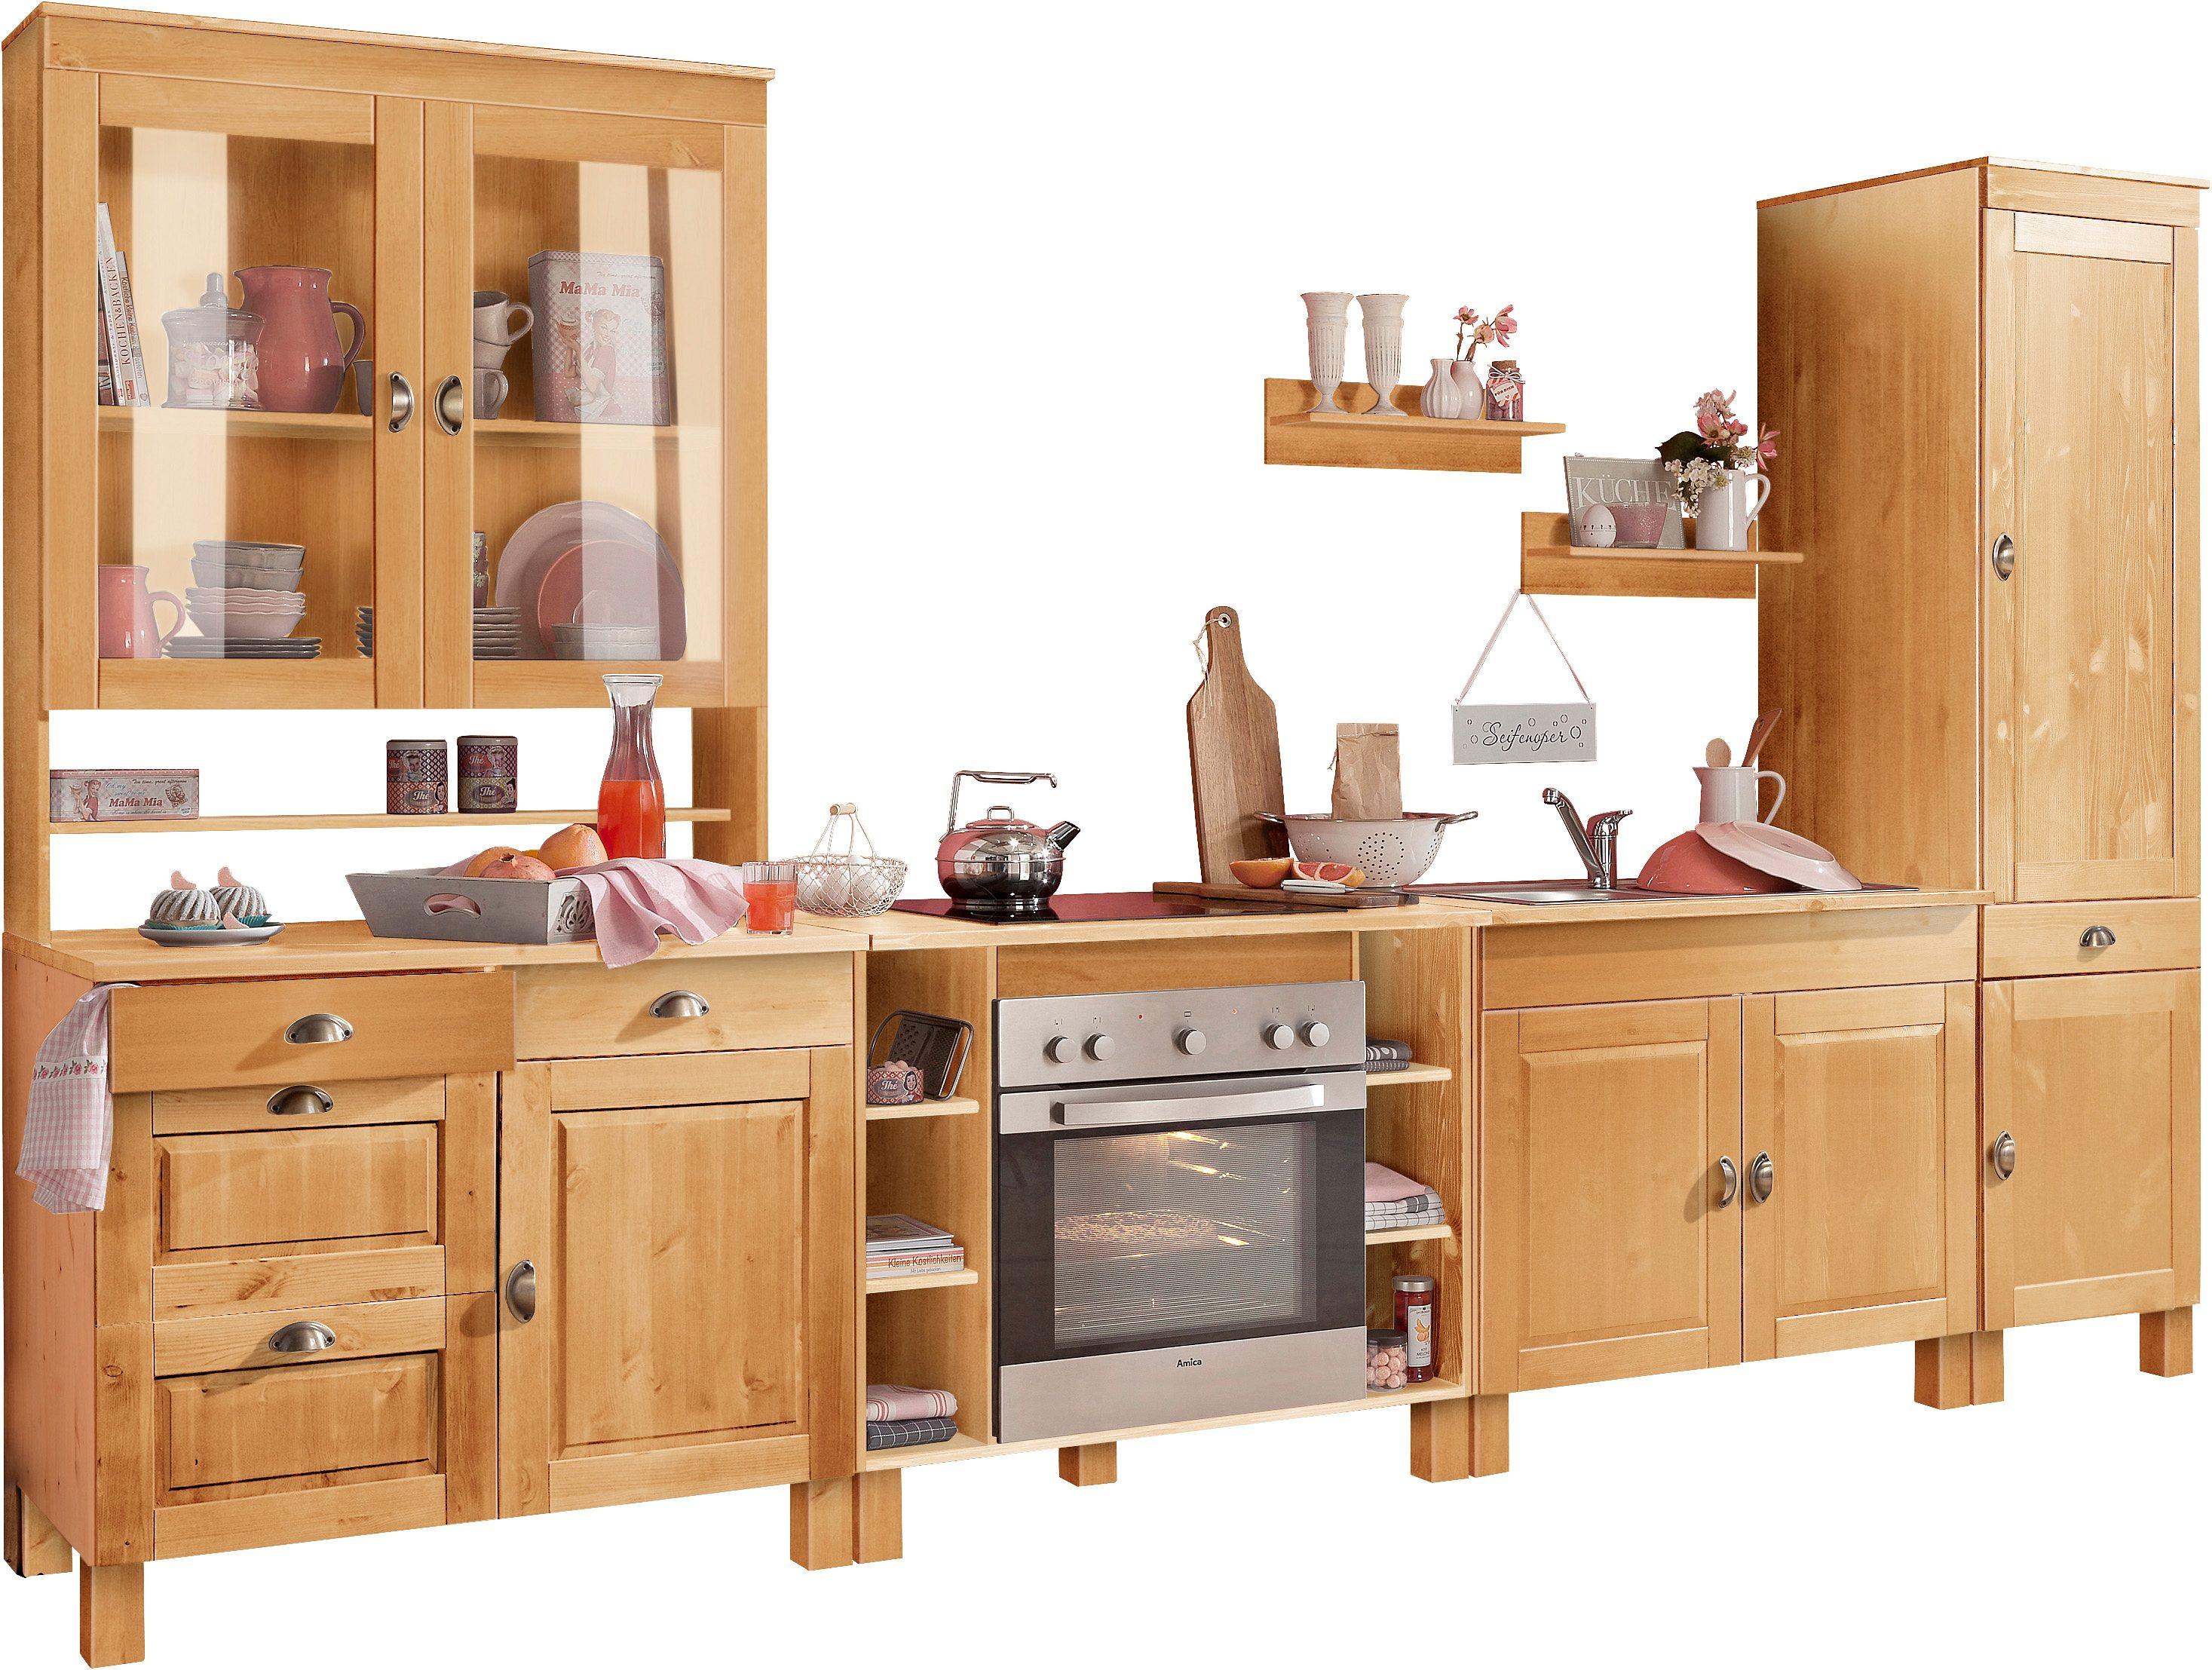 Home affaire Küchen-Set »Oslo«, (7-tlg), ohne E-Geräte, aus massiver  Kiefer, 23 mm starke Arbeitsplatte bestellen | BAUR